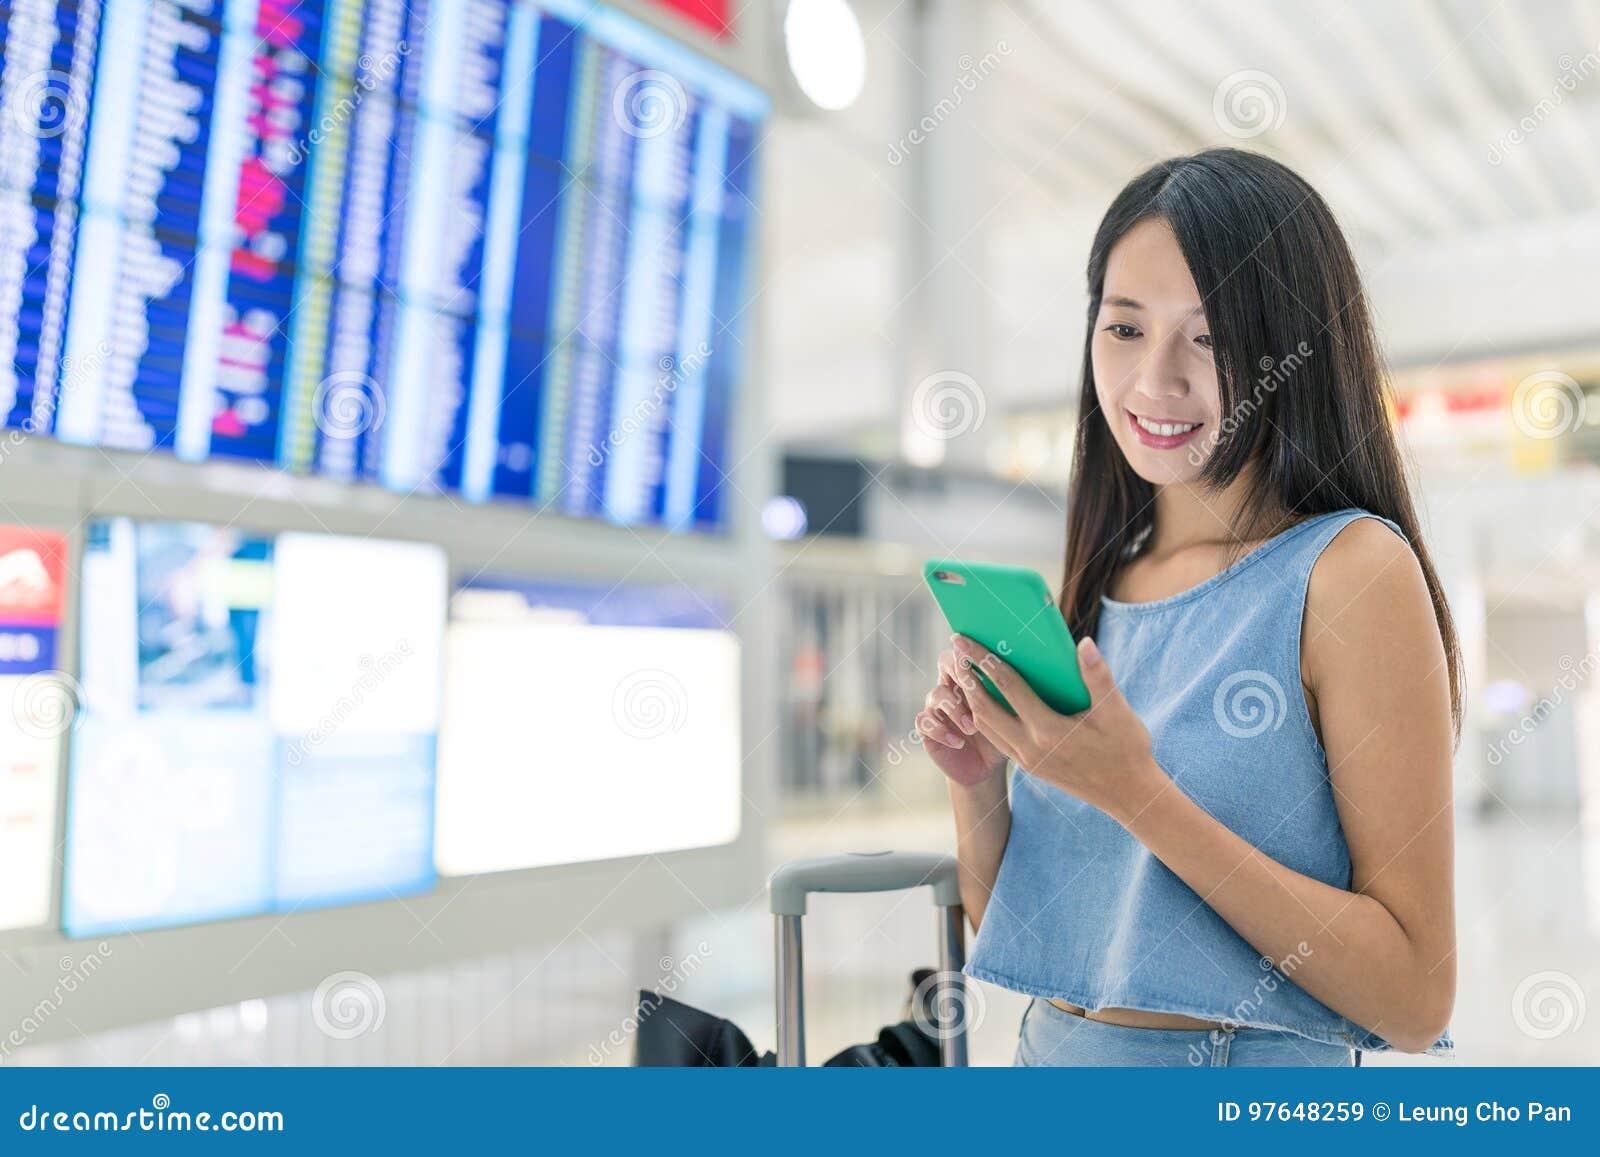 Frau, die Handy verwendet, um ihren Flugplan zu überprüfen